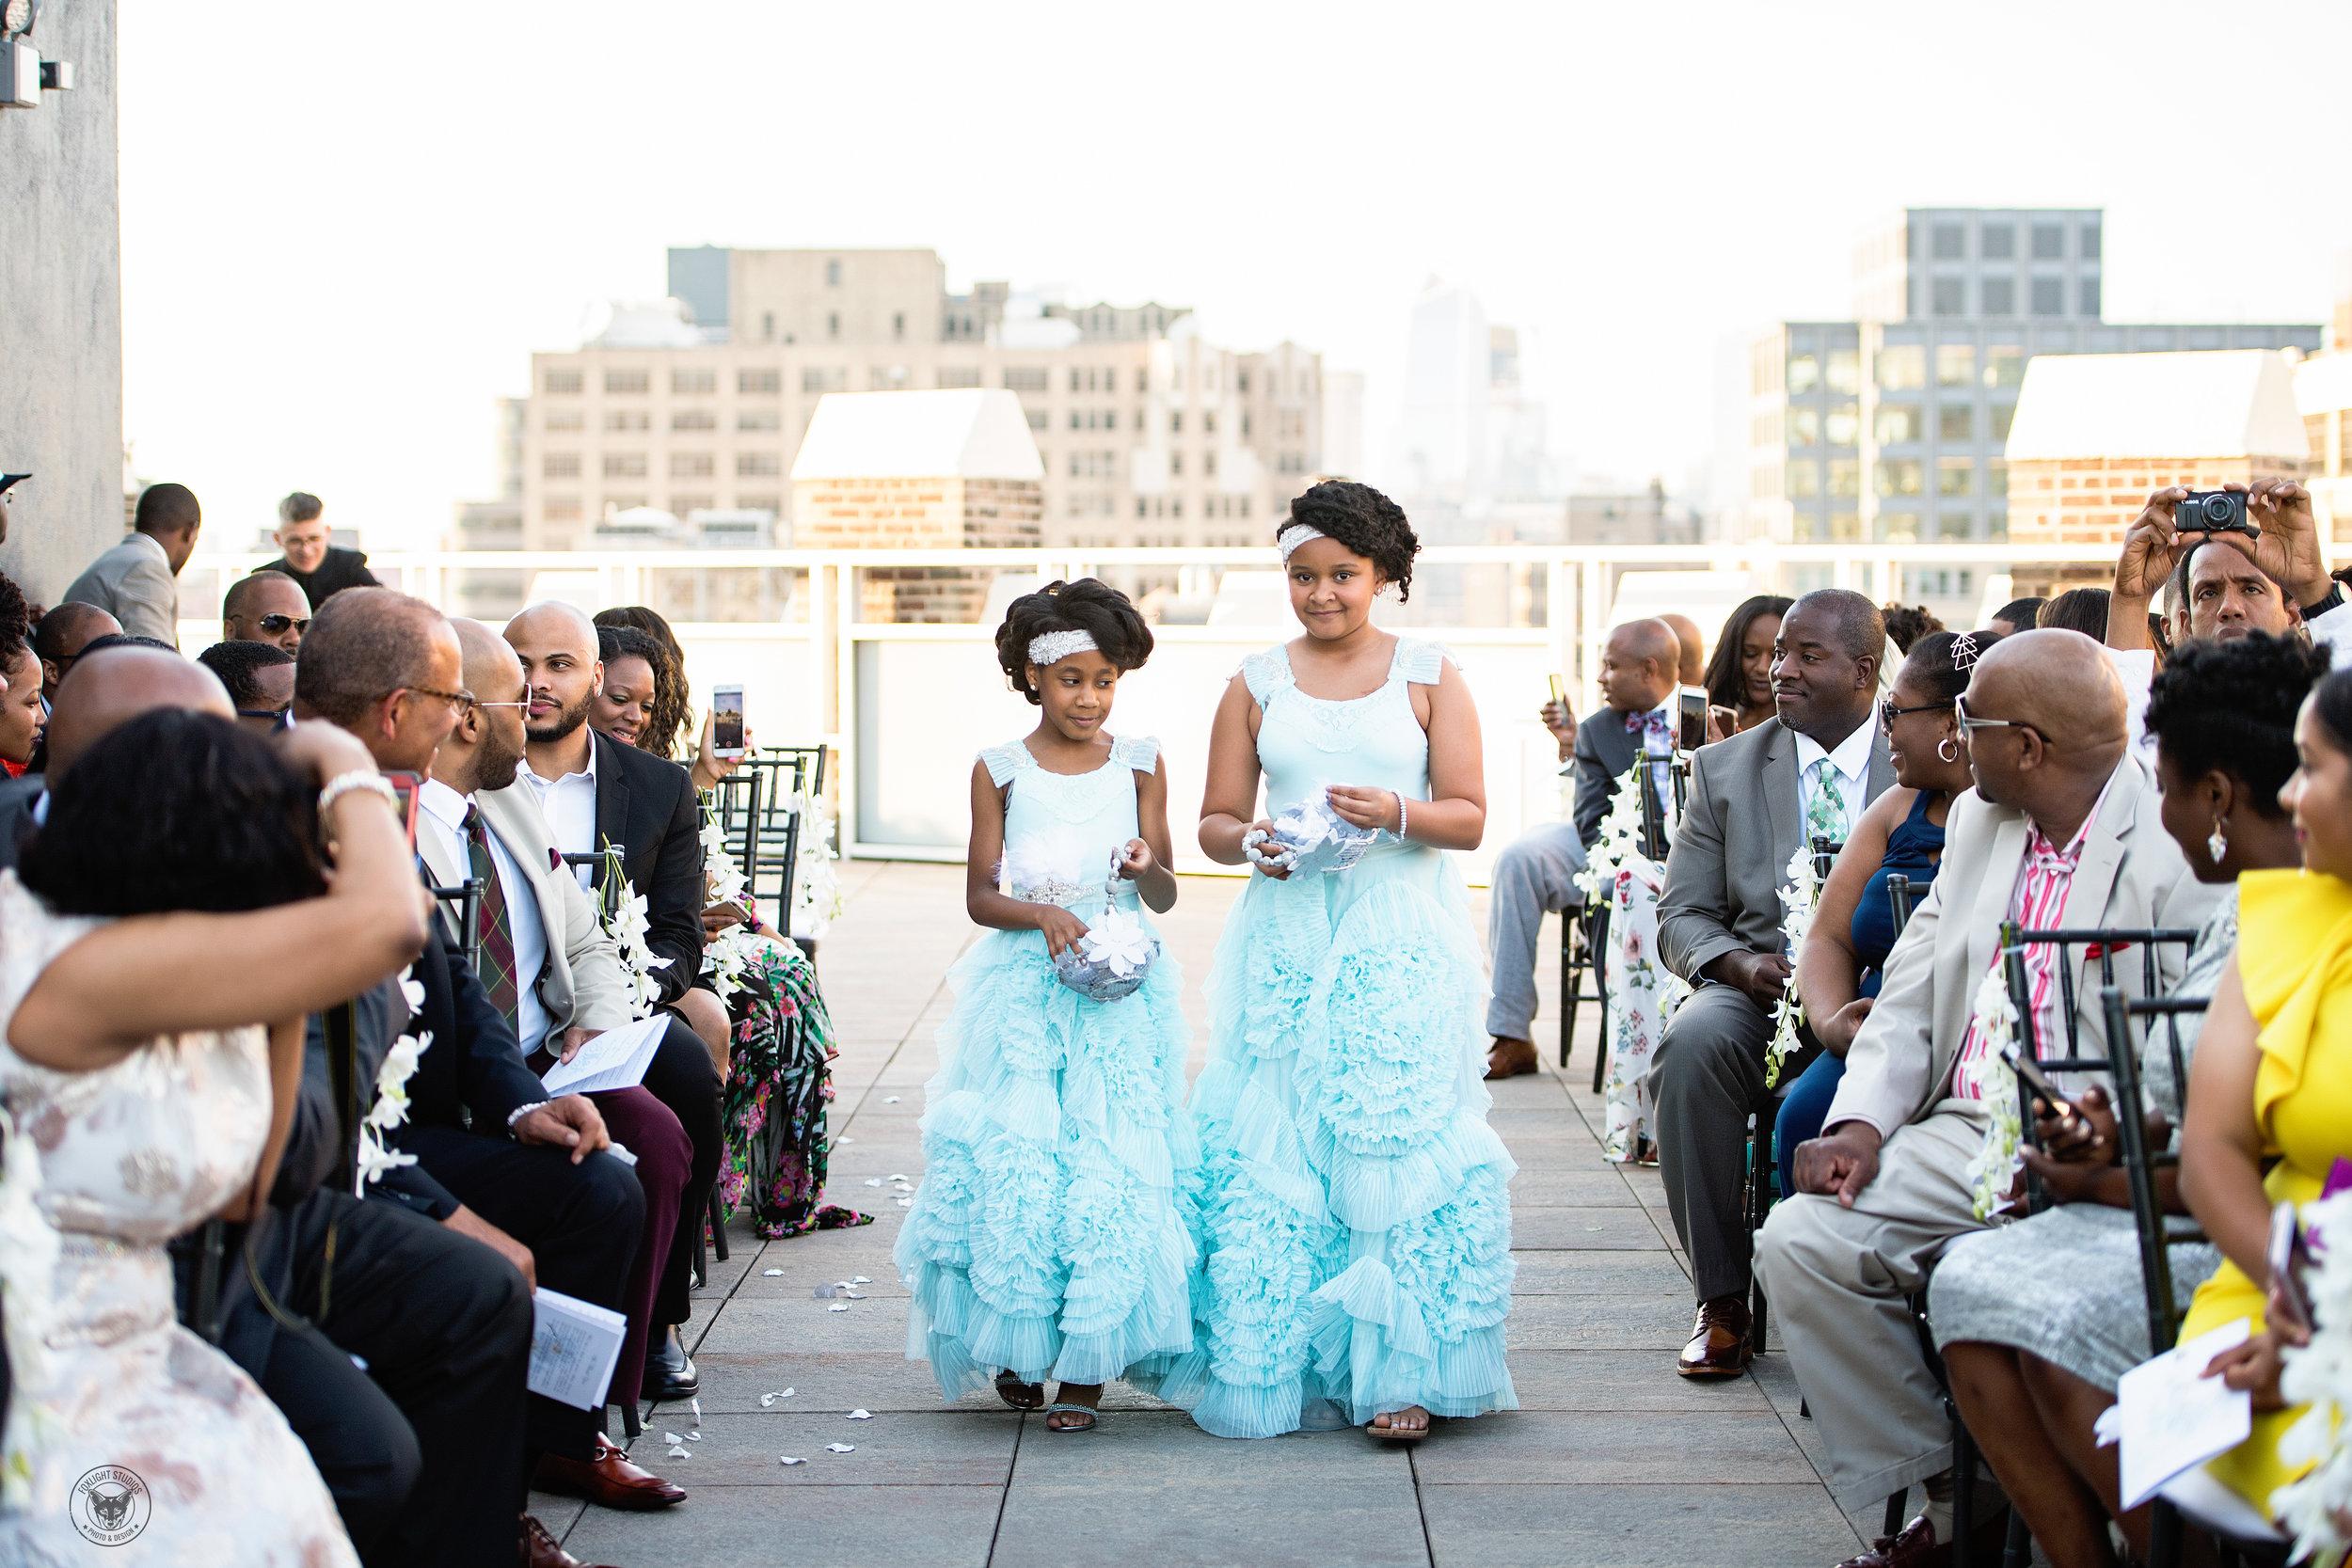 Tribeca_Rooftop_Wedding43.jpg